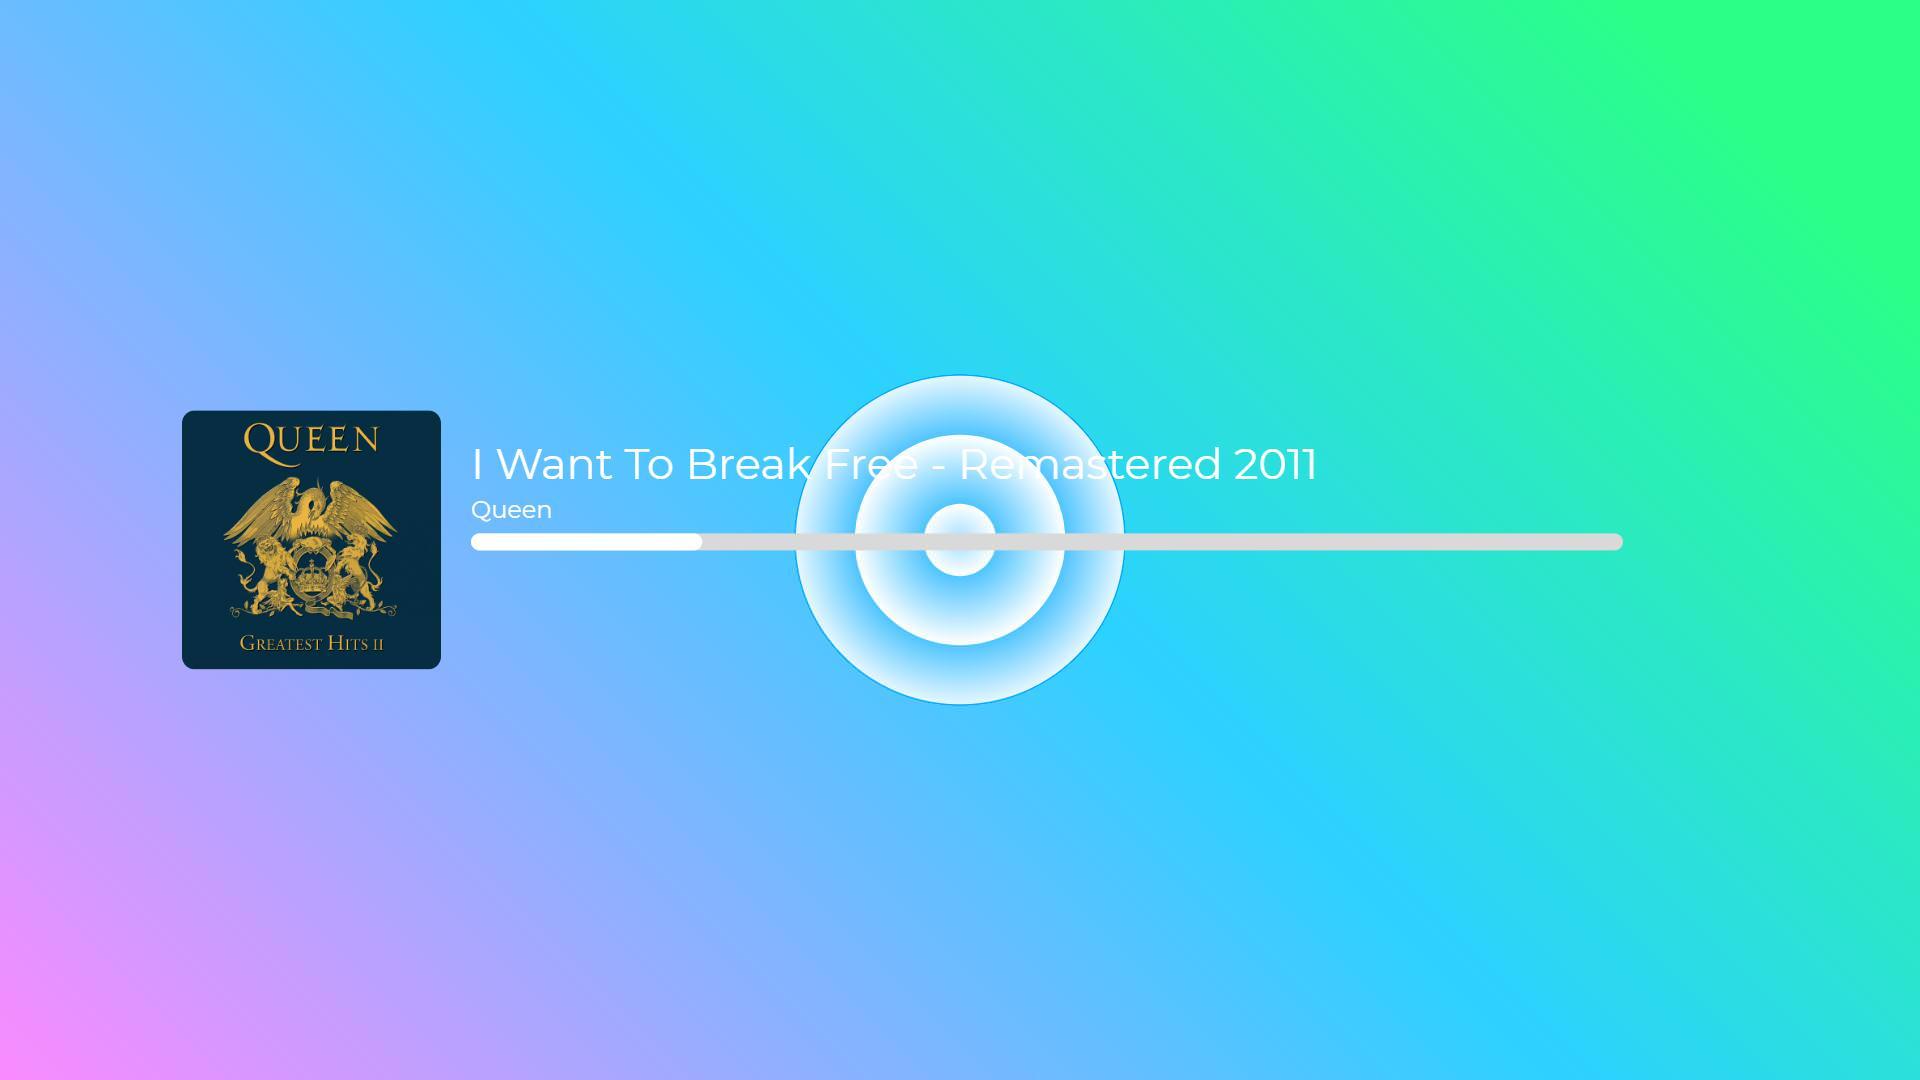 GitHub - davidli3100/SpotifyVisualizerReact: Spotify Music